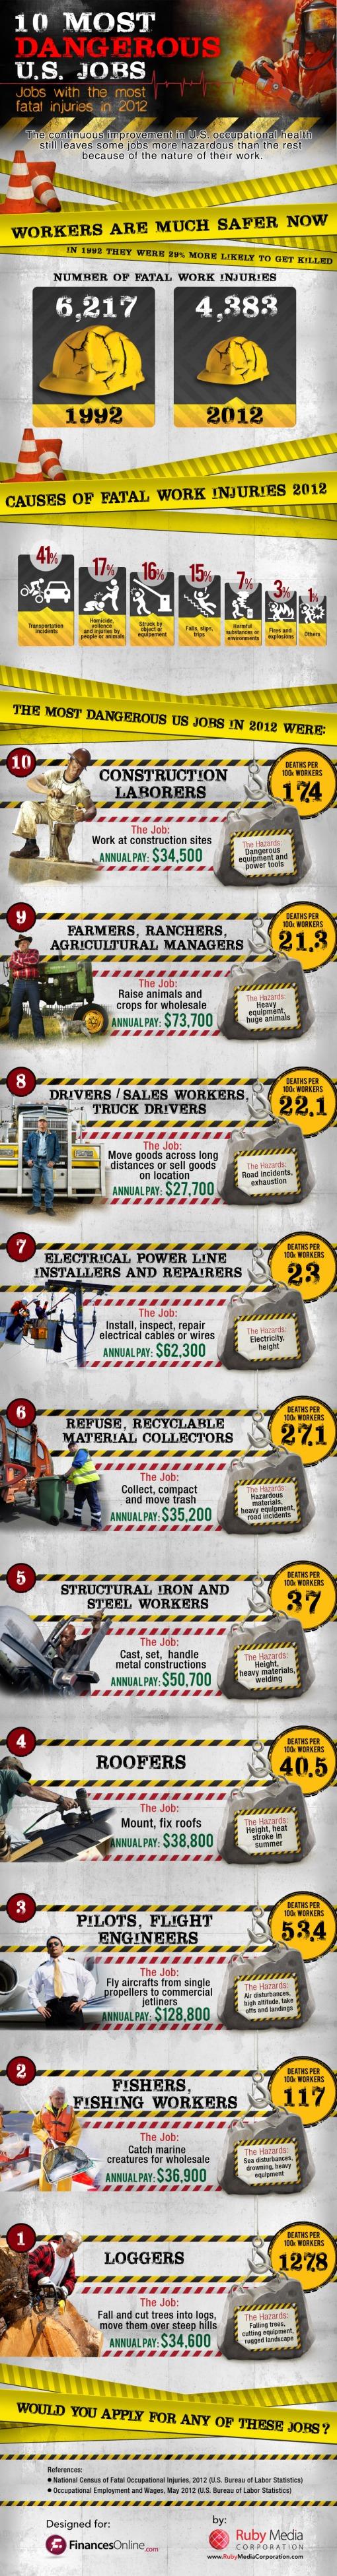 10-dangerous-jobs